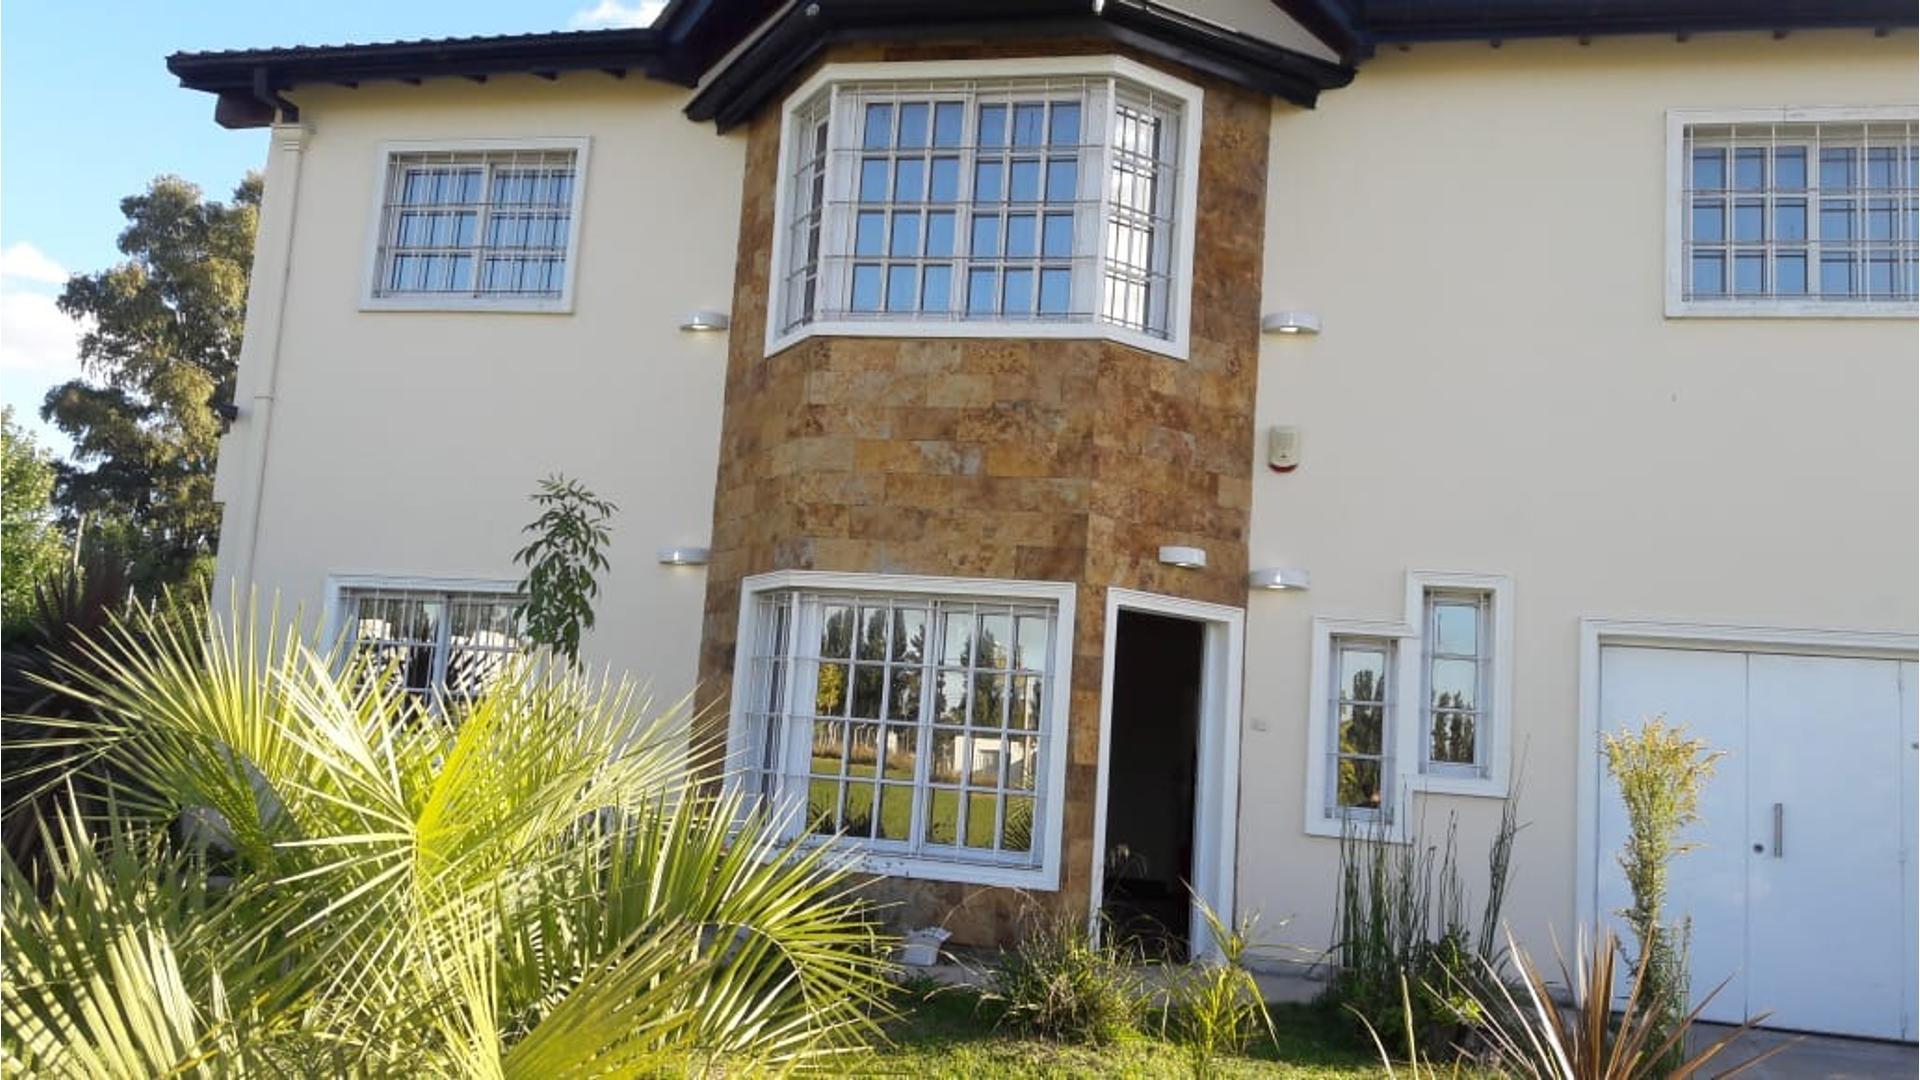 Av. Brig. Gral. Juan Manuel De Rosas 22900 - U$D 280.000 - Casa en Venta